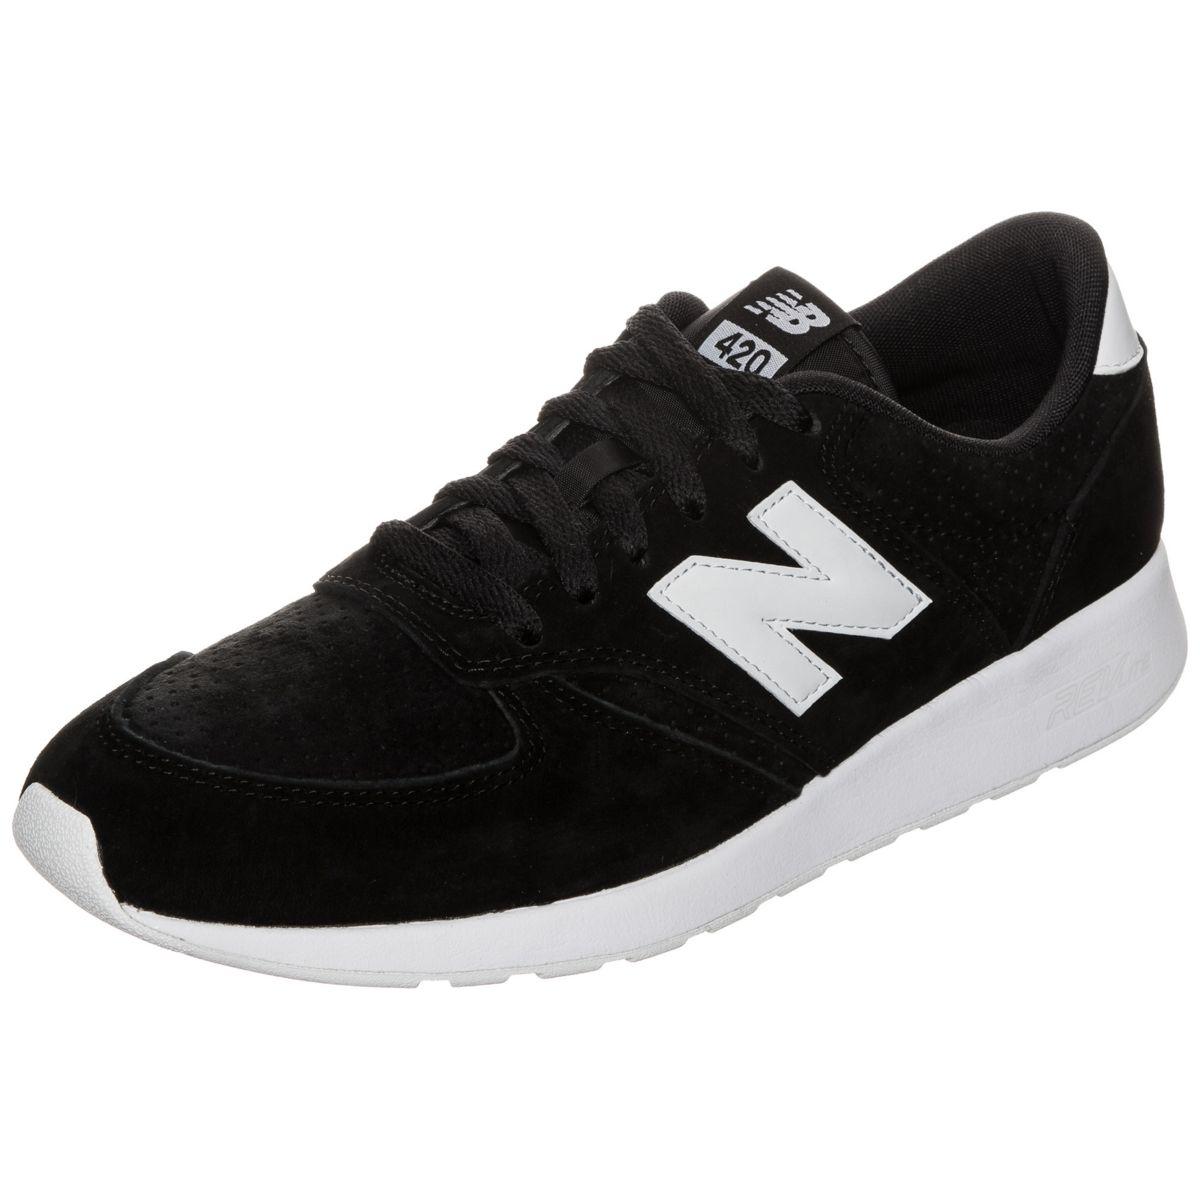 NEW BALANCE MRL420-SN-D Sneaker Herren